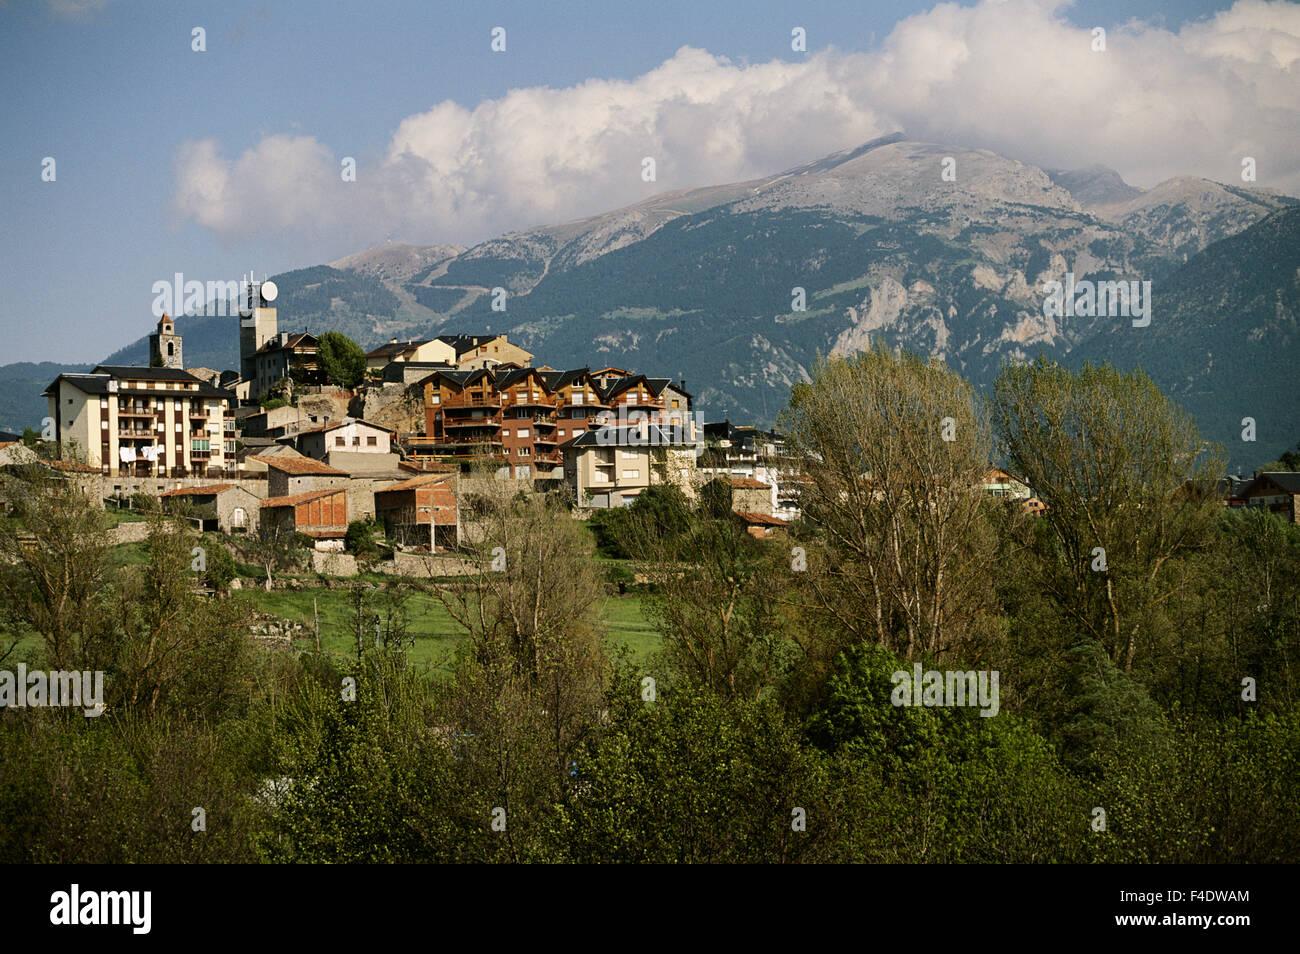 España, Cataluña, Bellver de Cerdanya. Aldea. Tamaños disponibles (de gran formato) Imagen De Stock